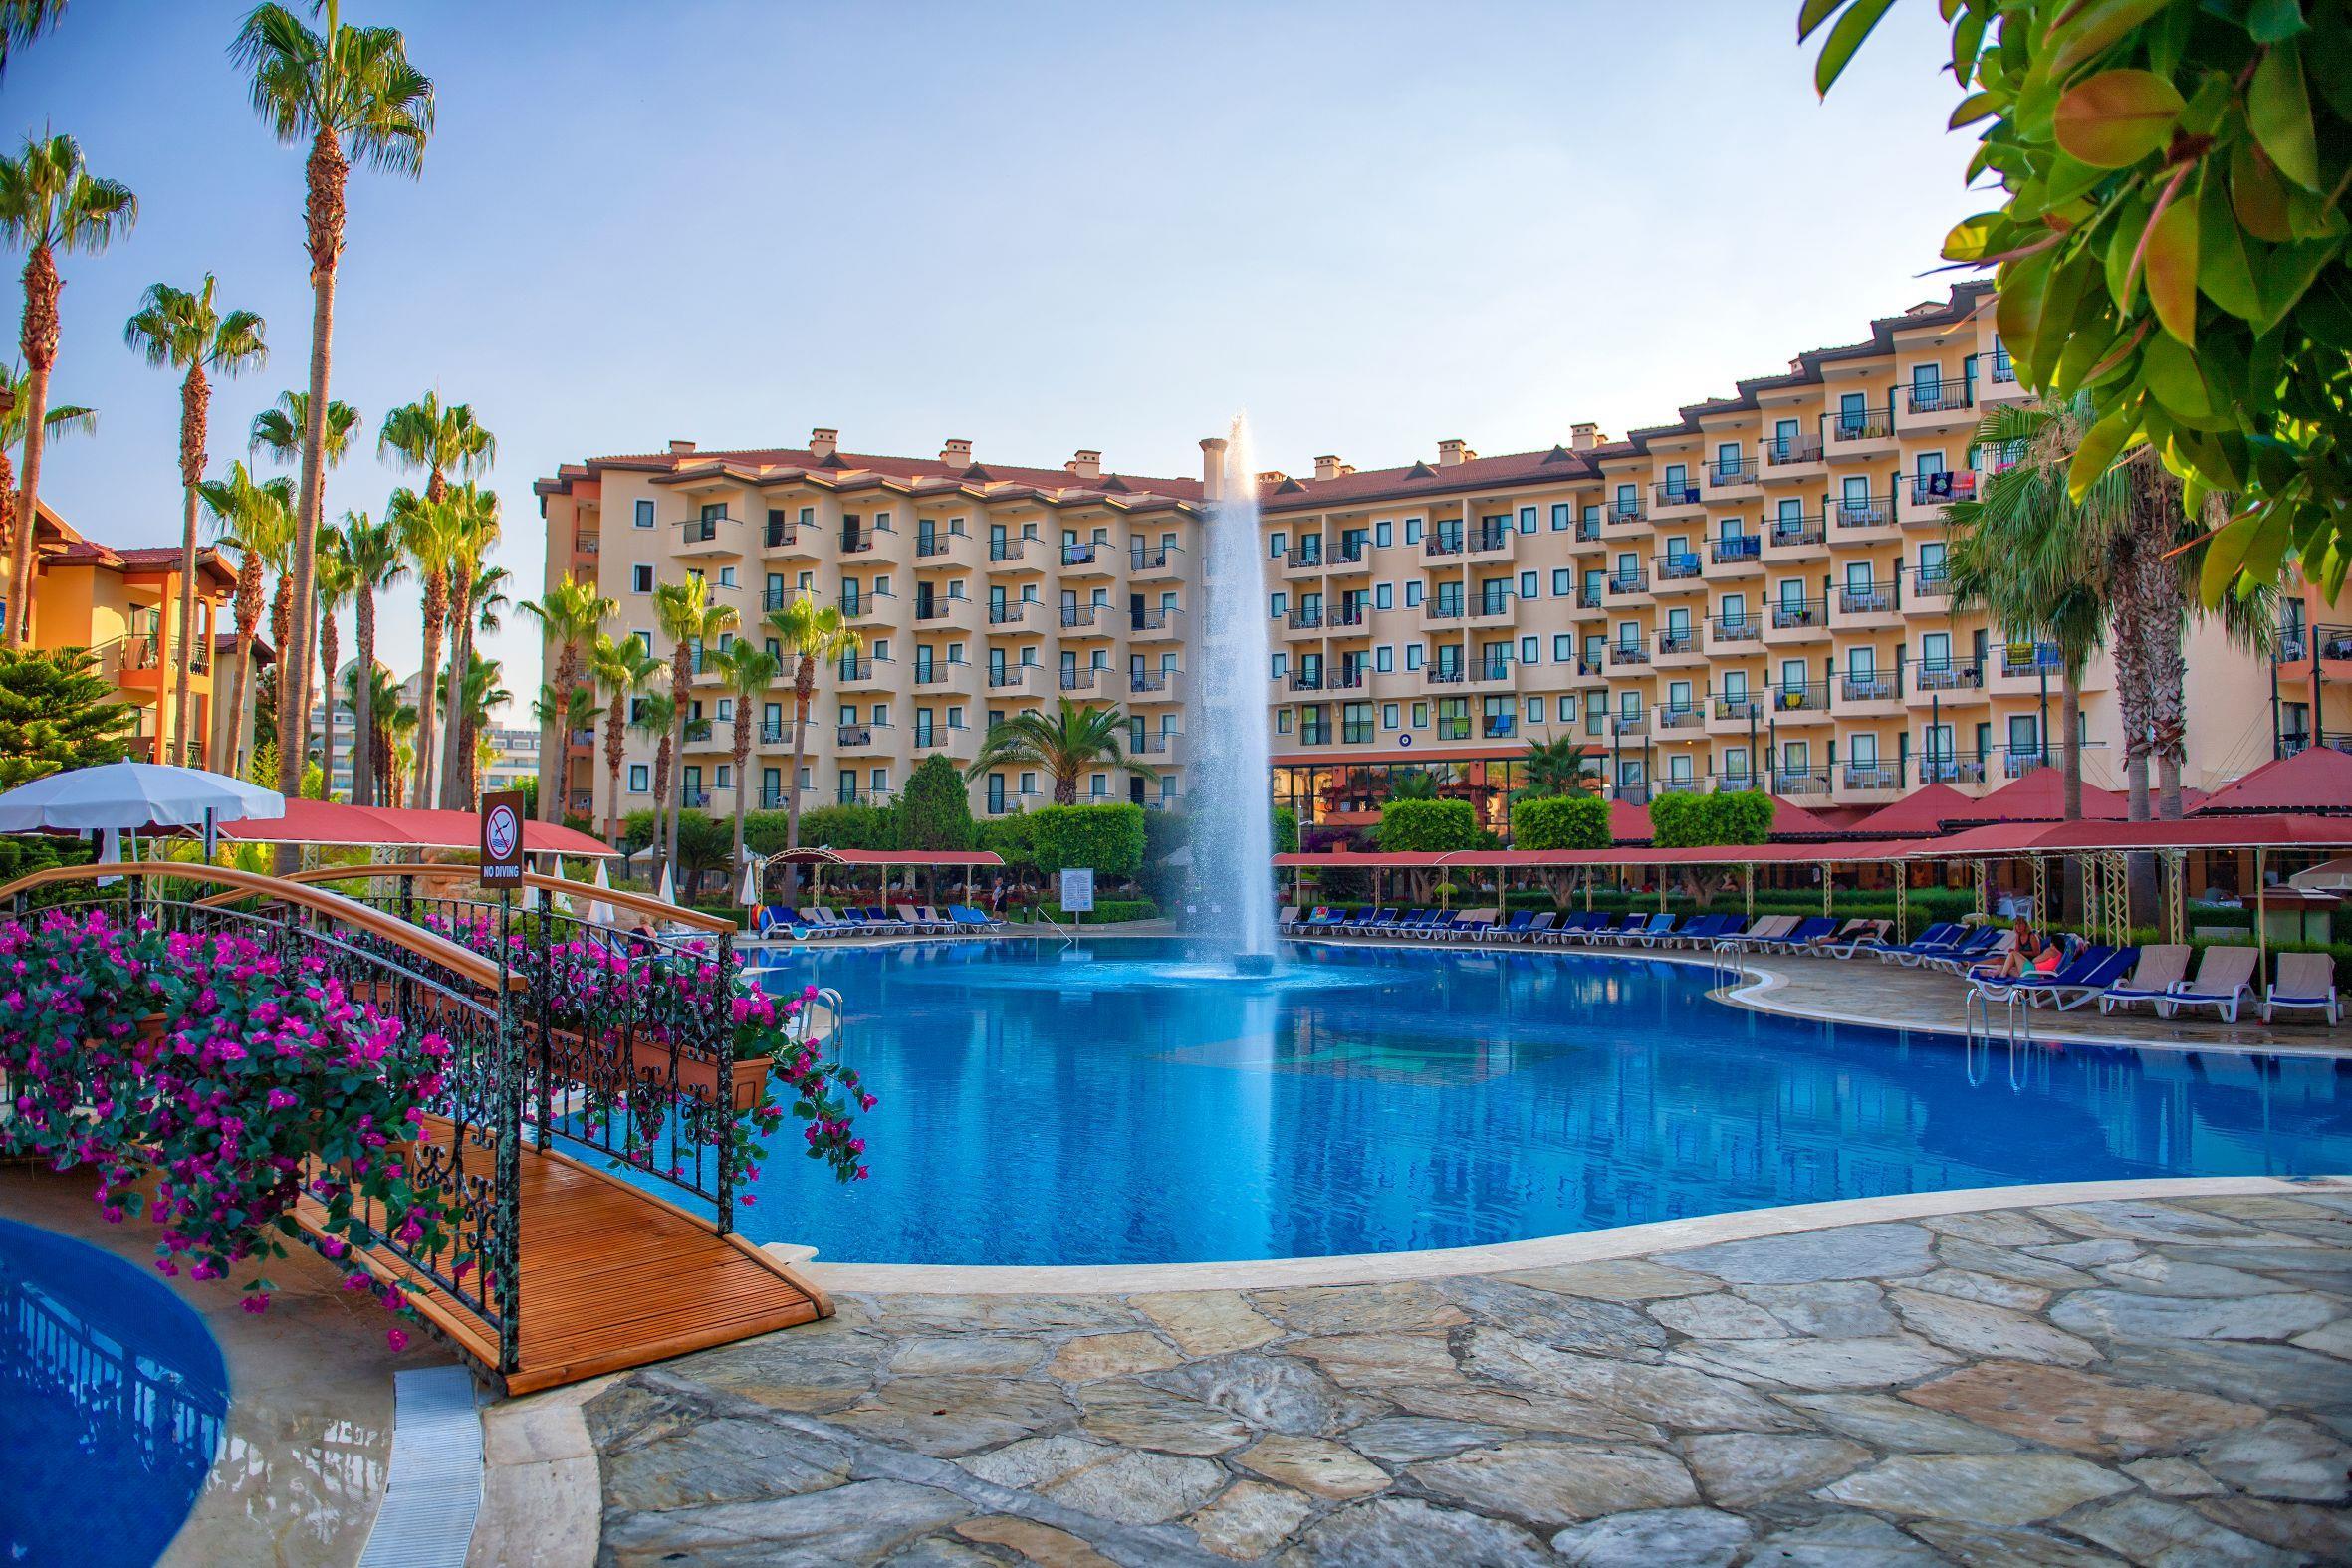 http://www.orextravel.sk/OREX/hotelphotos/miramare-queen-hotel-general-0040.jpg